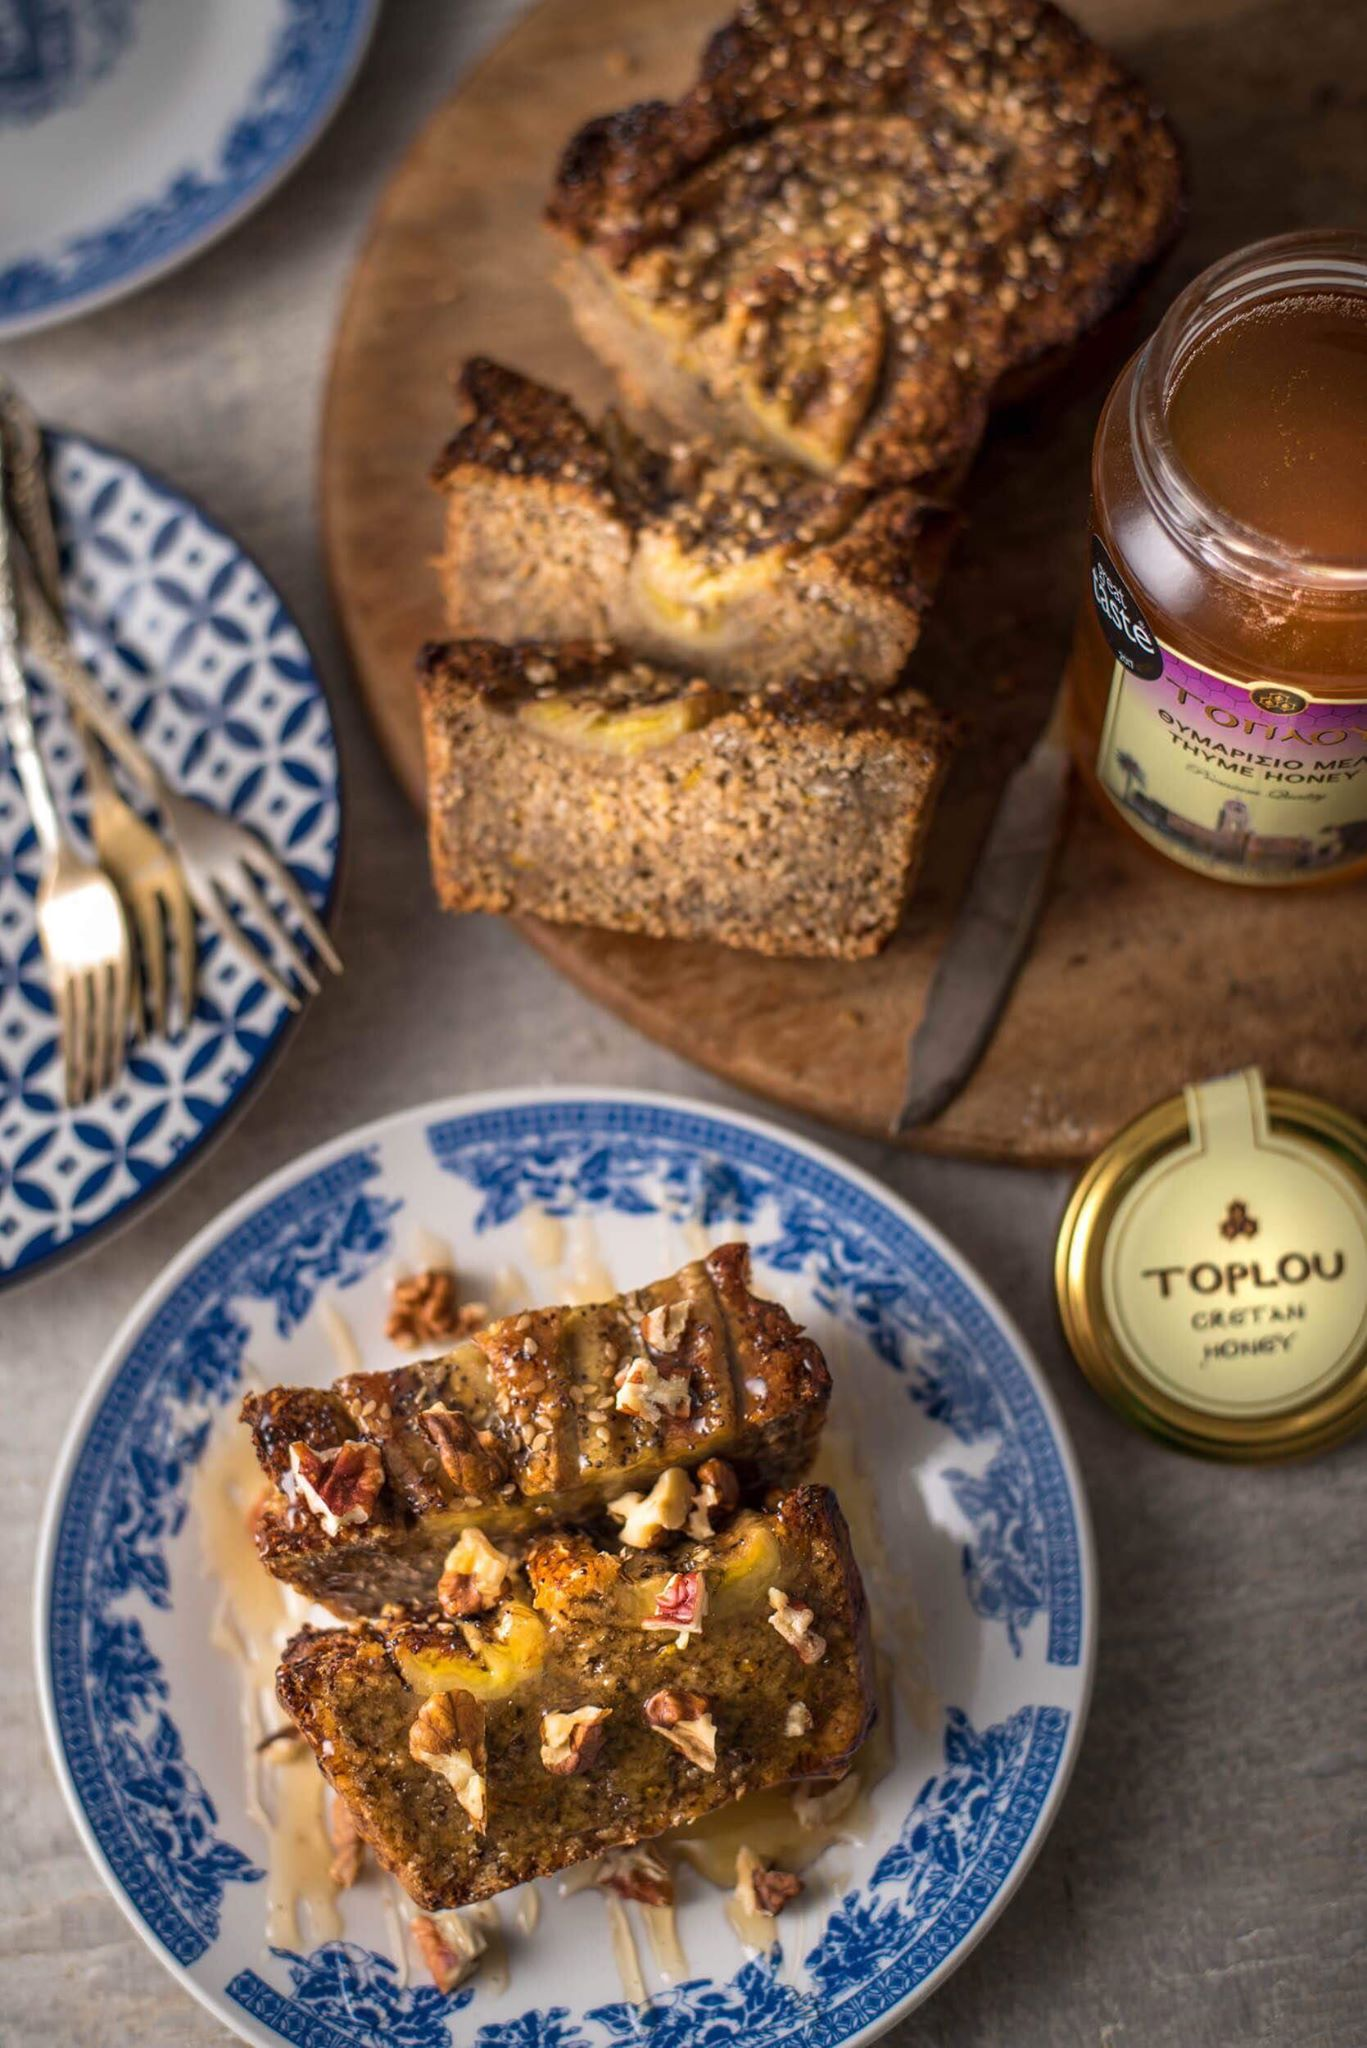 μέλι τοπλού, Honey toplou